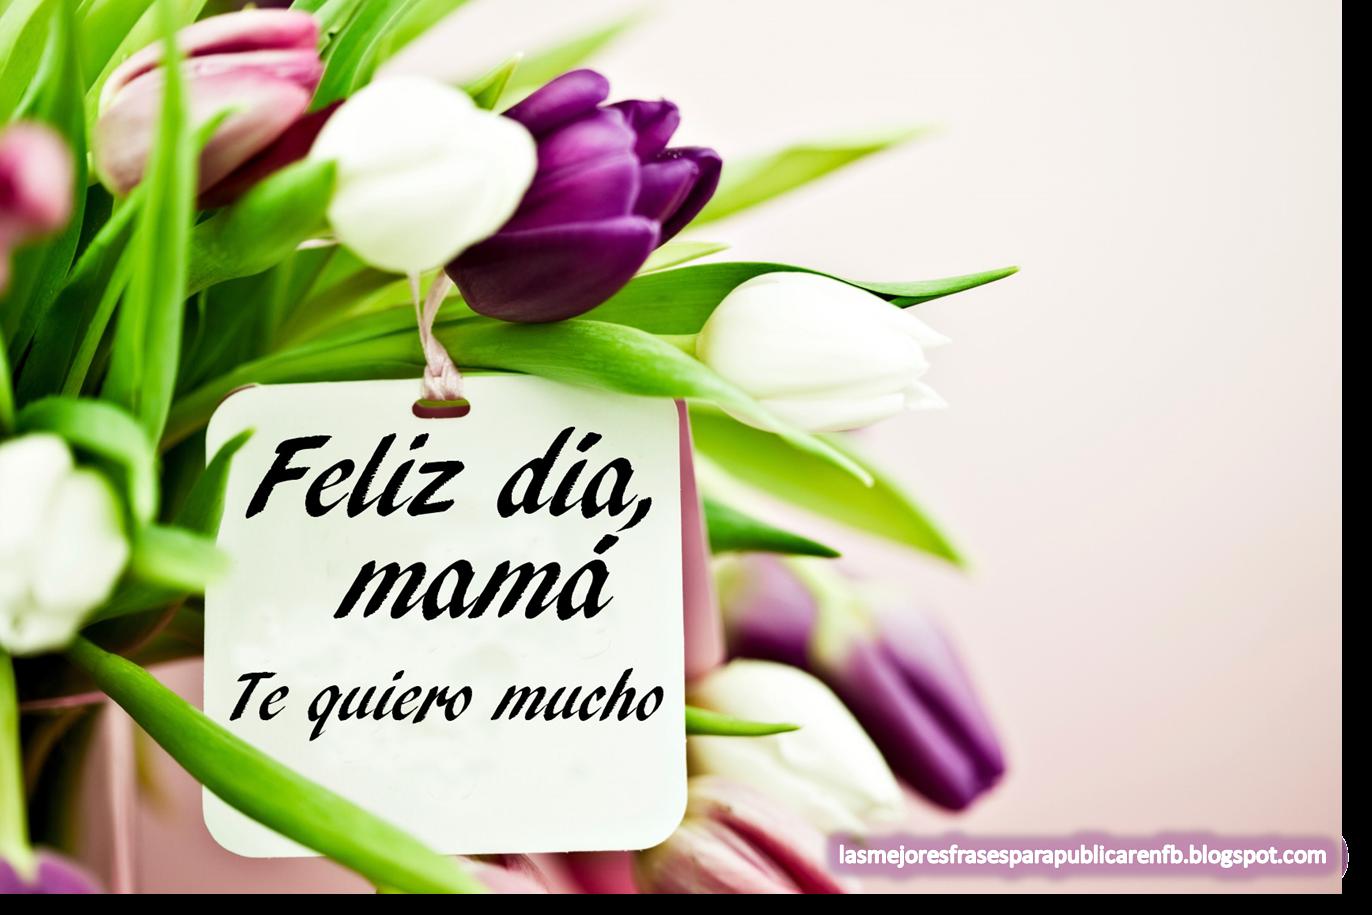 Frases Para El Día De La Madre: Feliz Día Mamá Te Quiero Mucho